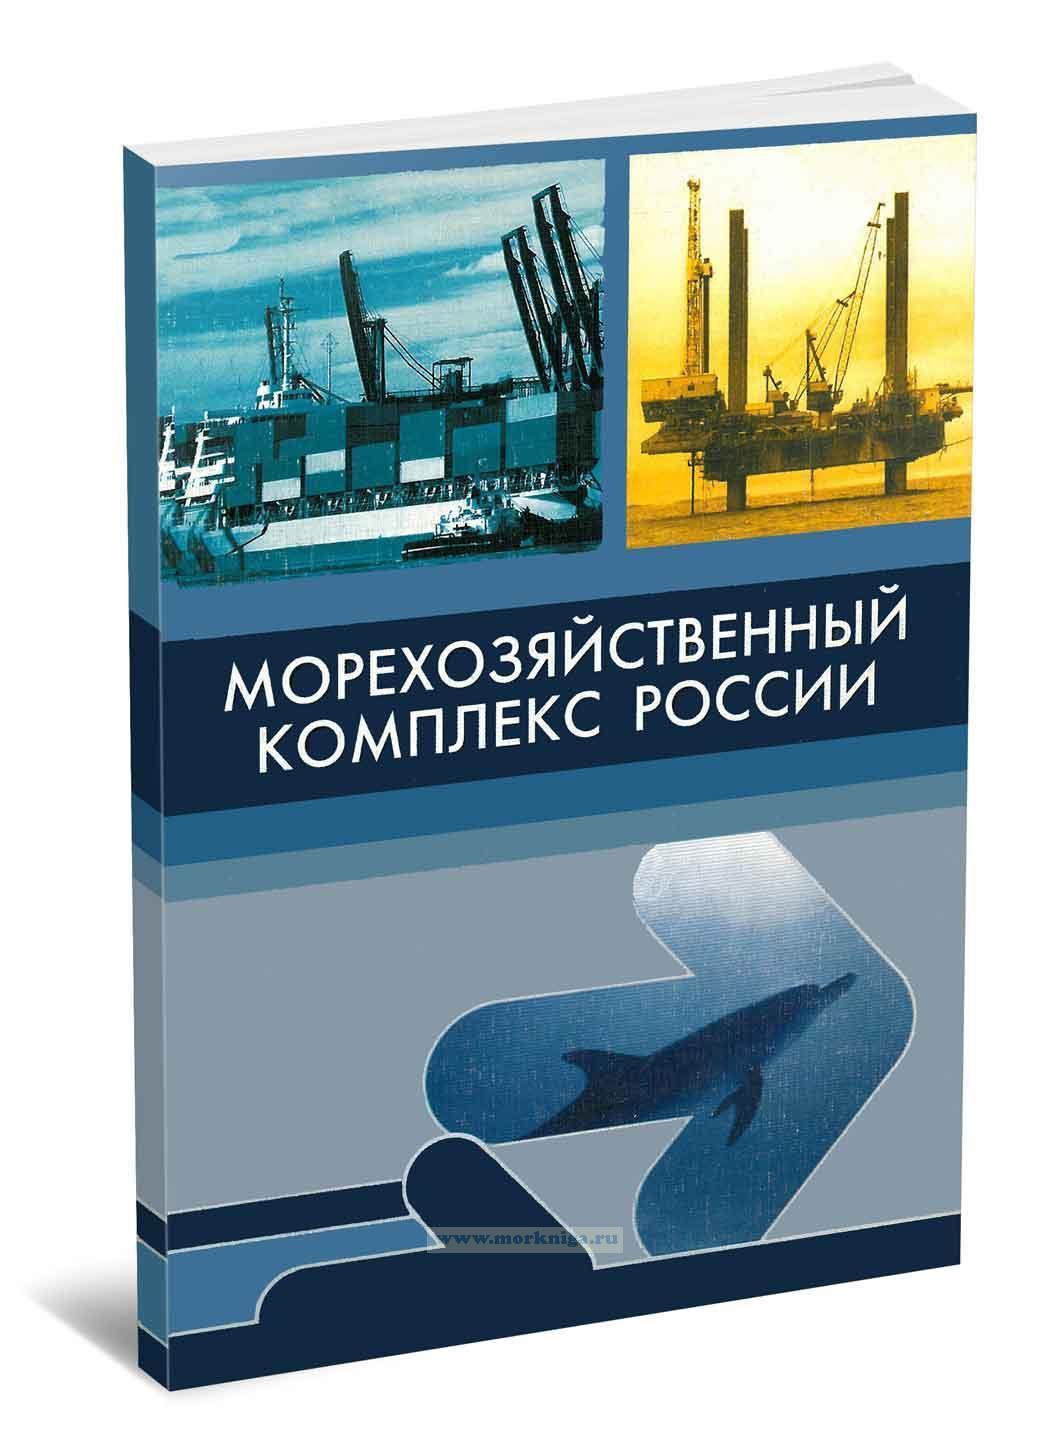 Морехозяйственный комплекс России